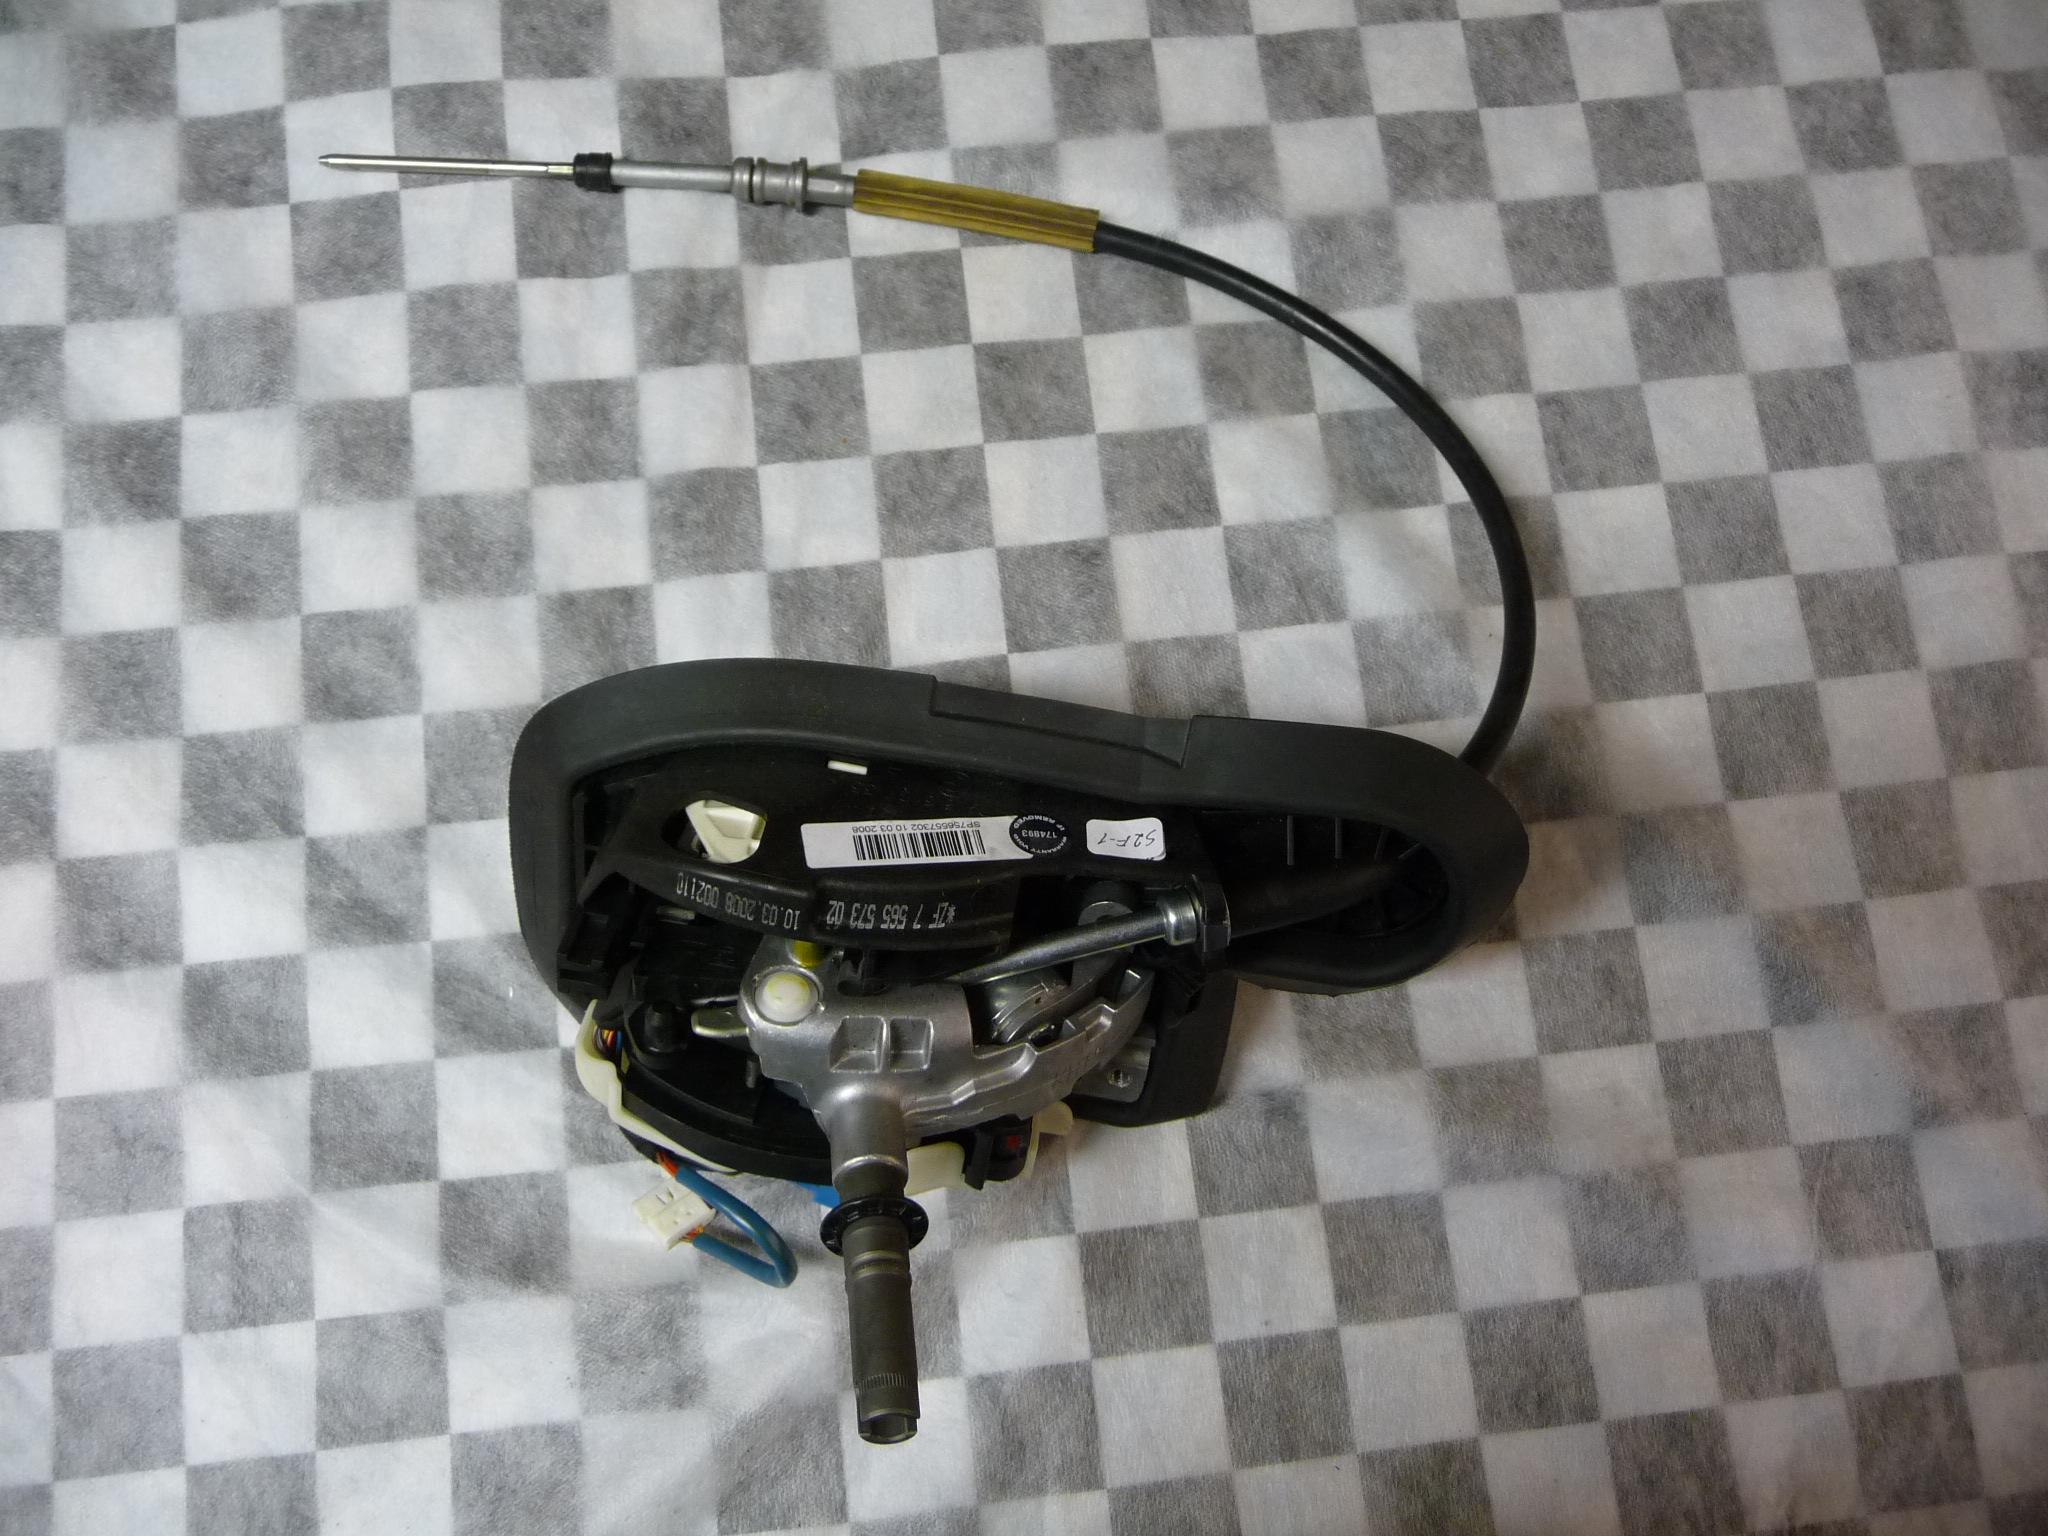 2008 2009 2010 2011 2012 2013 BMW E82 E88 128i Gearshift Assembly, Steptronic 25167565573 OEM OE